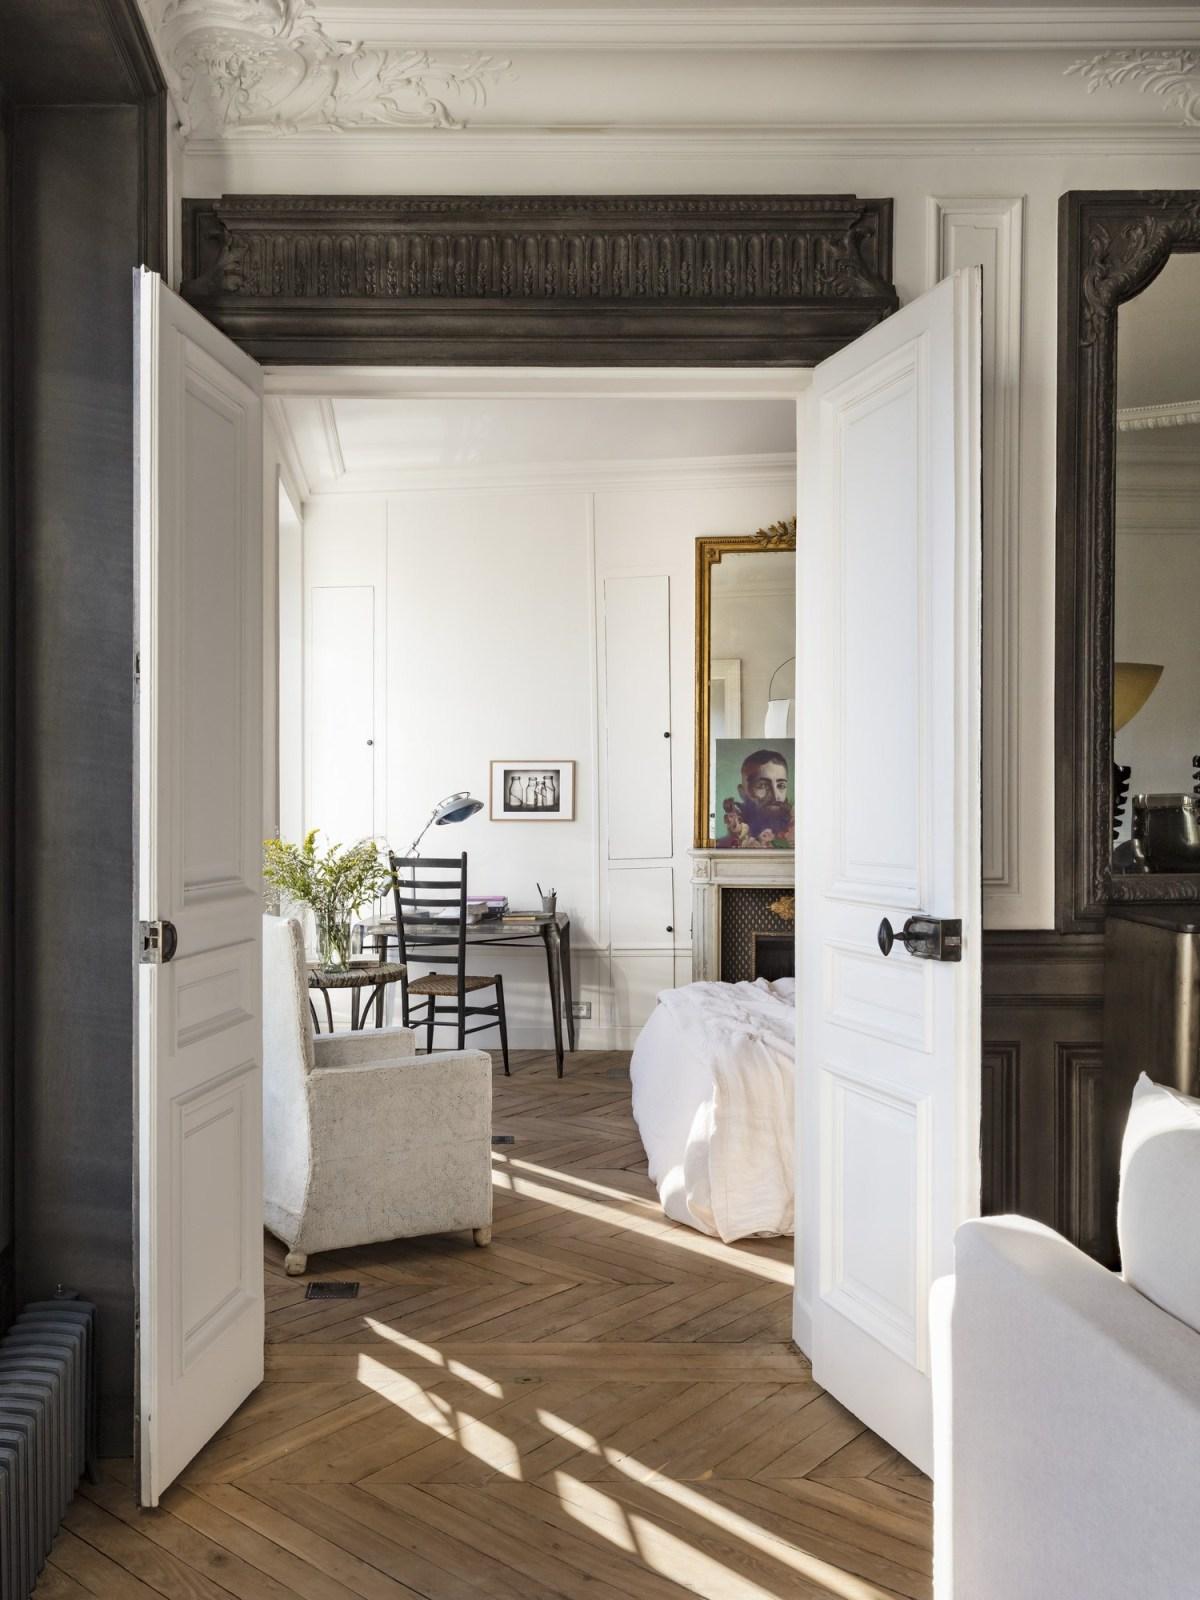 Pied À Terre Paris le pied-à-terre'' sublime concept apartment in paris